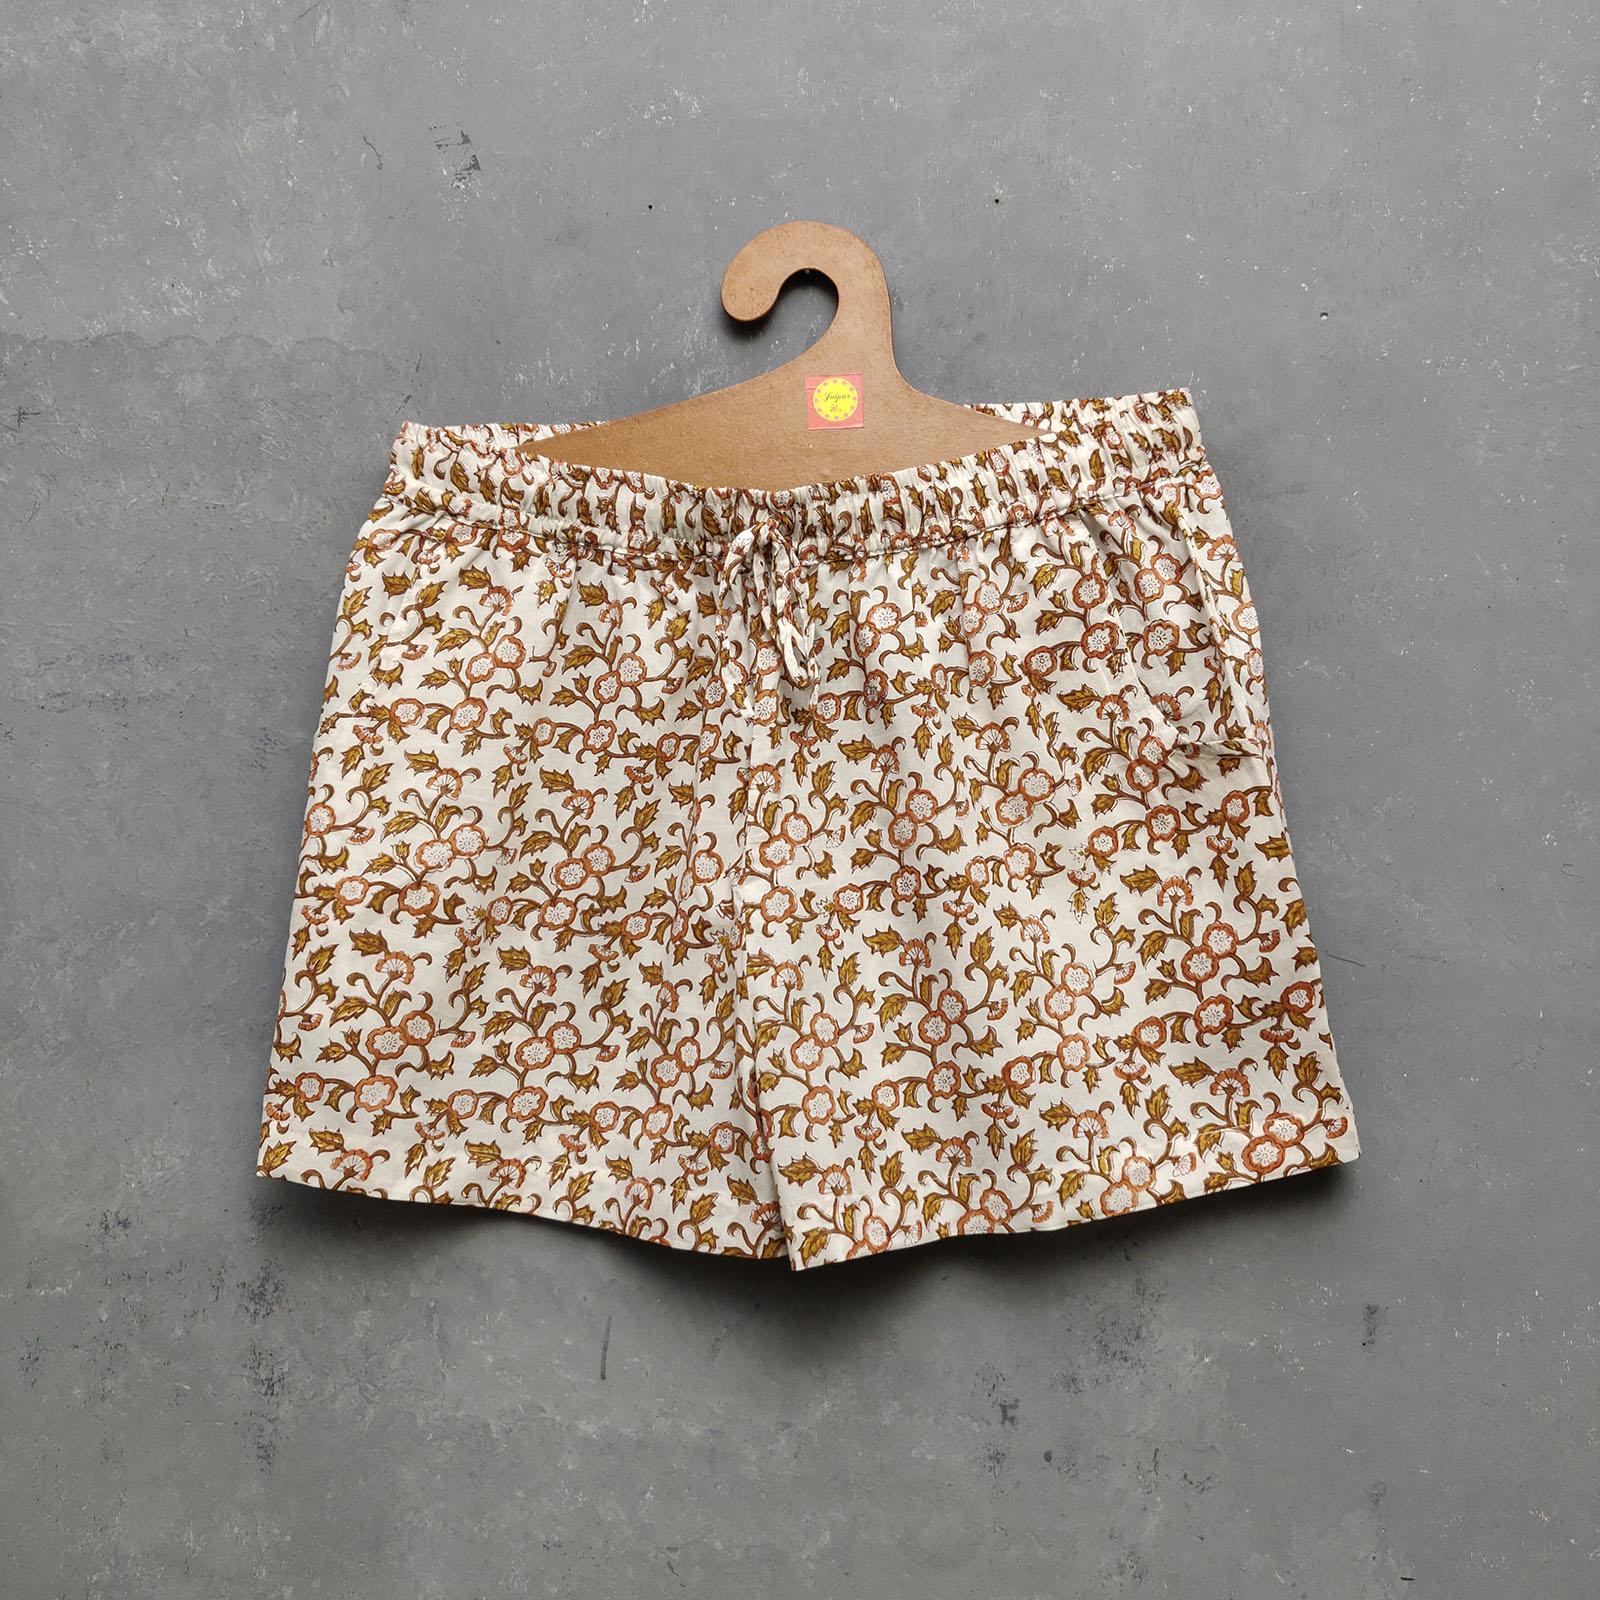 Handblock Printed Shorts/ Half Pants HP68